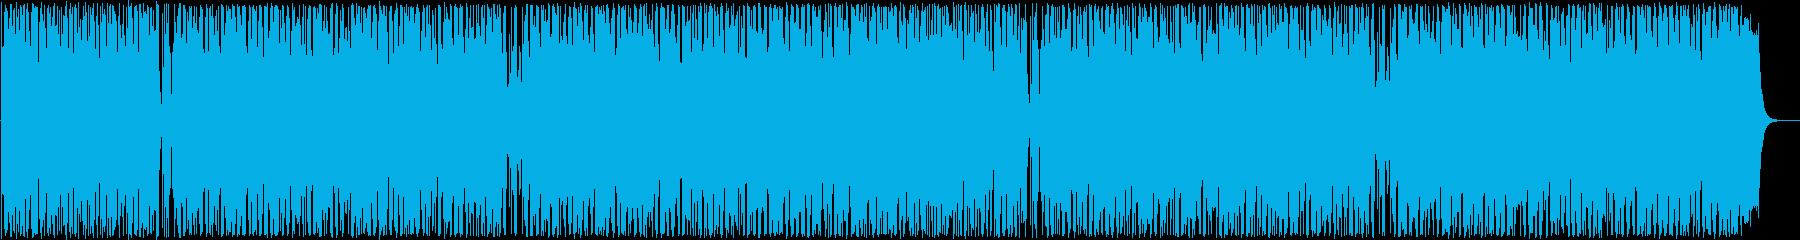 はじける感じのシンセ・打楽器サウンドの再生済みの波形